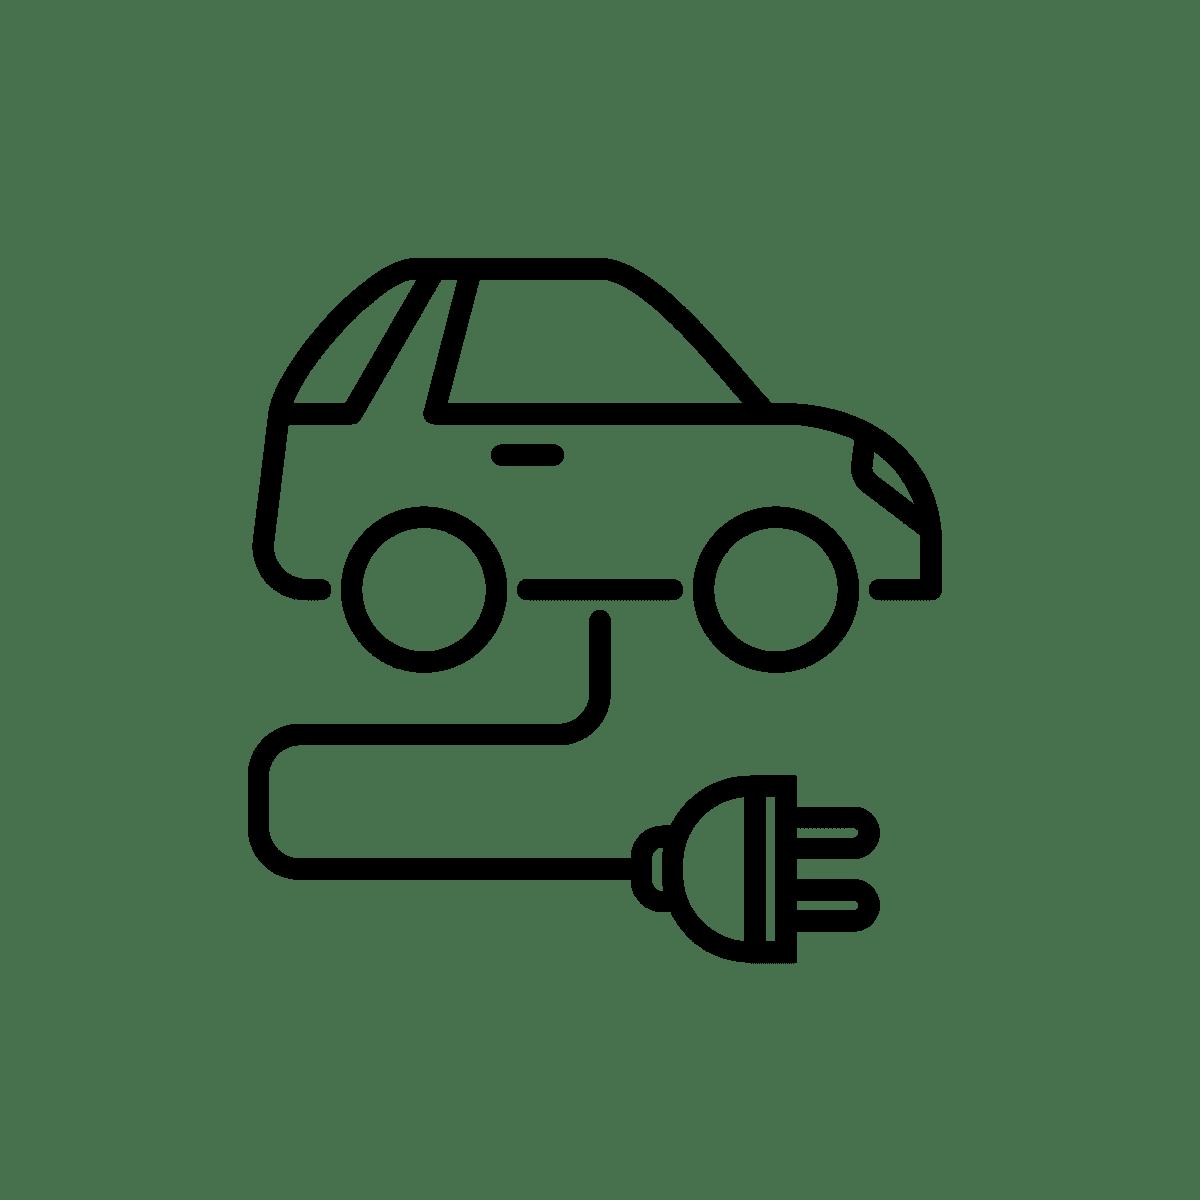 Profil Voiture Electrique